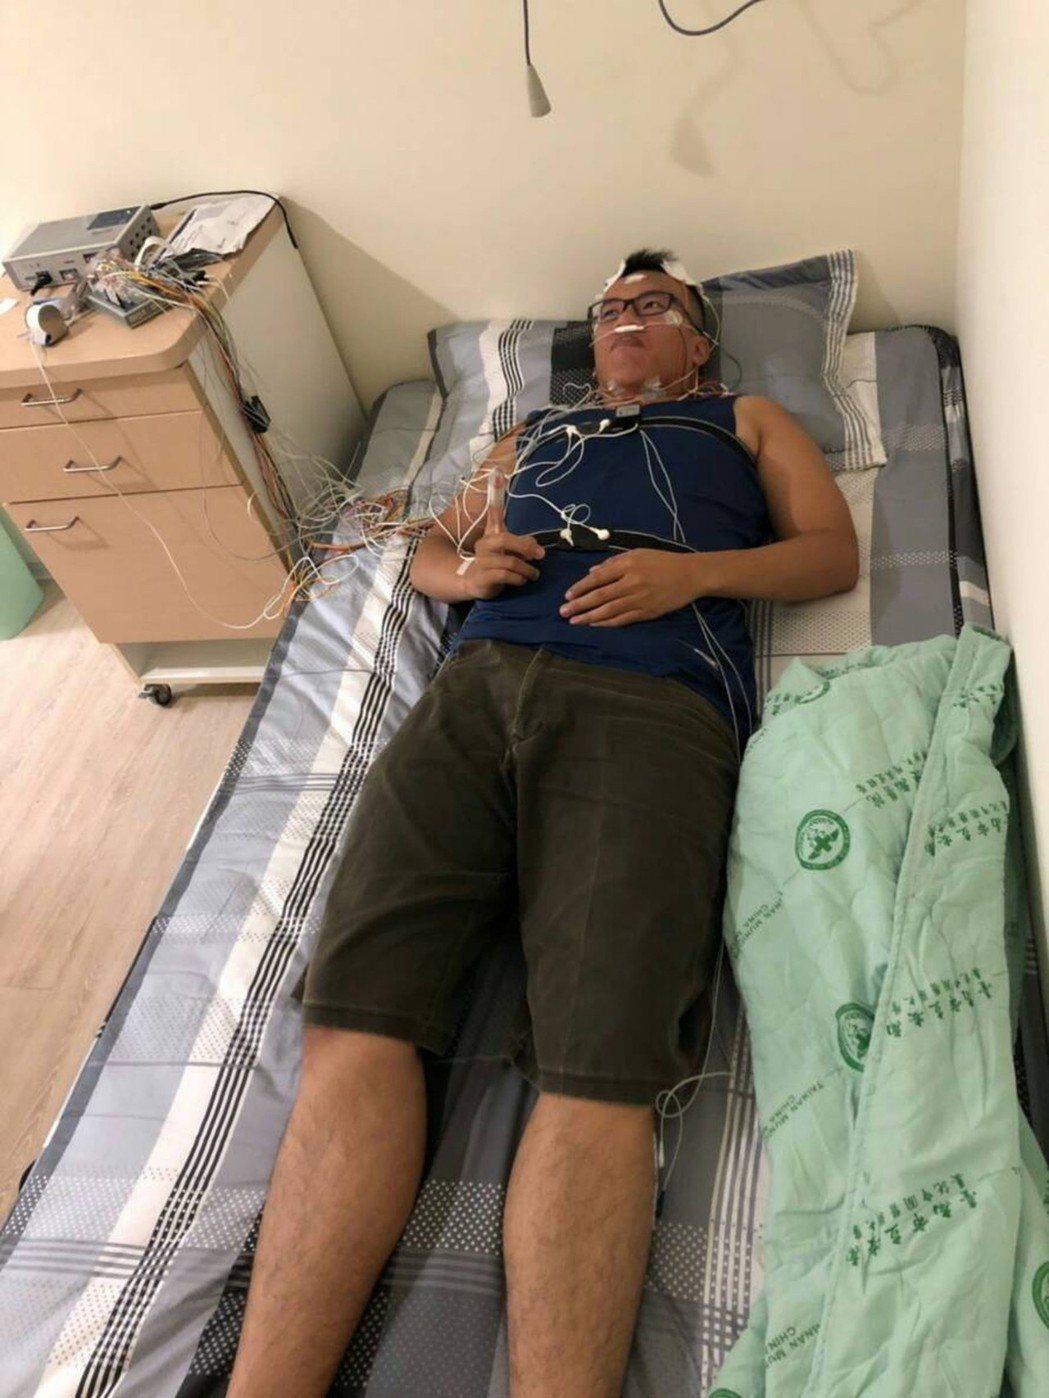 許多有打鼾問題的人會選擇到醫院睡眠中心睡一個晚上進行相關檢查 圖/安南醫院提供